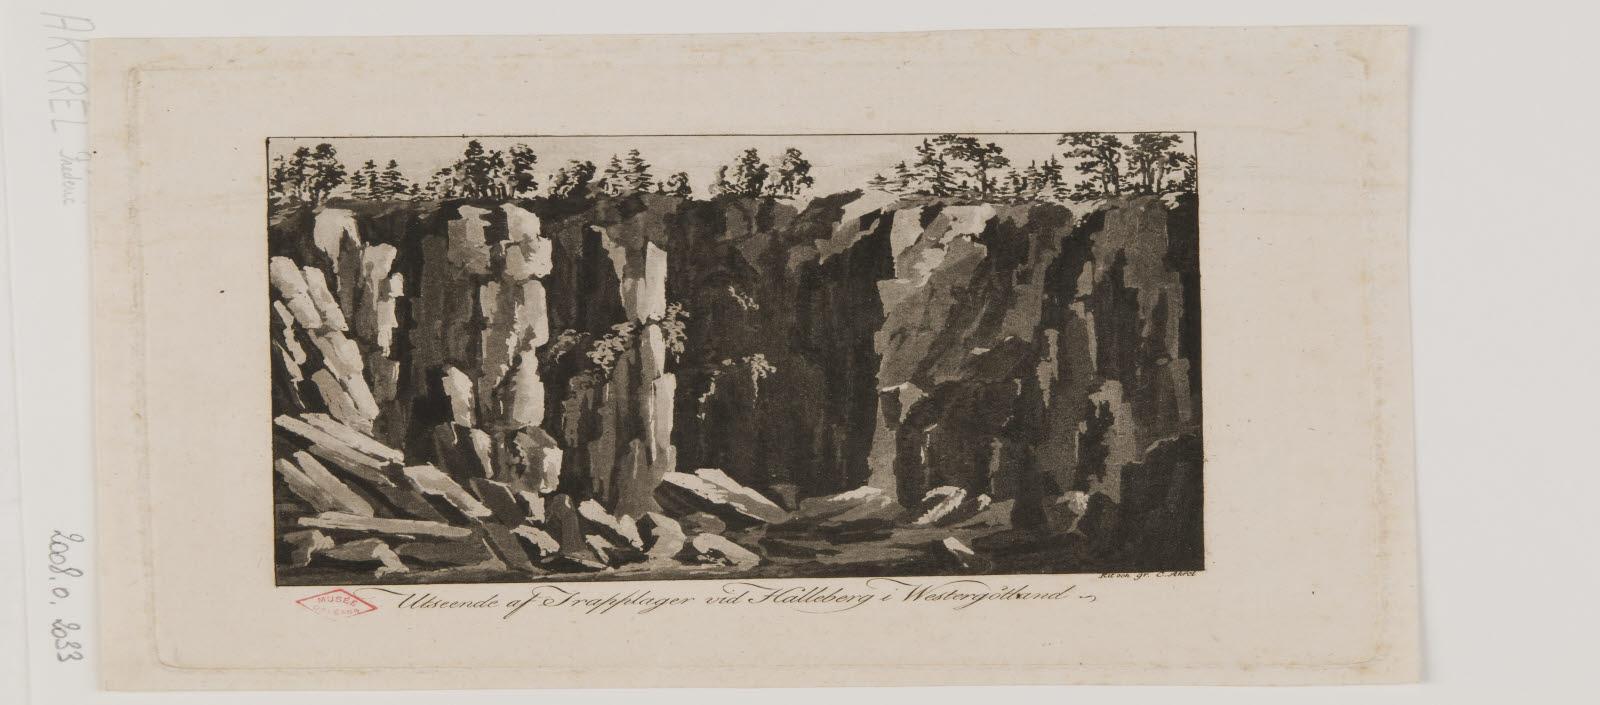 Grotte dans le Westergotland_0